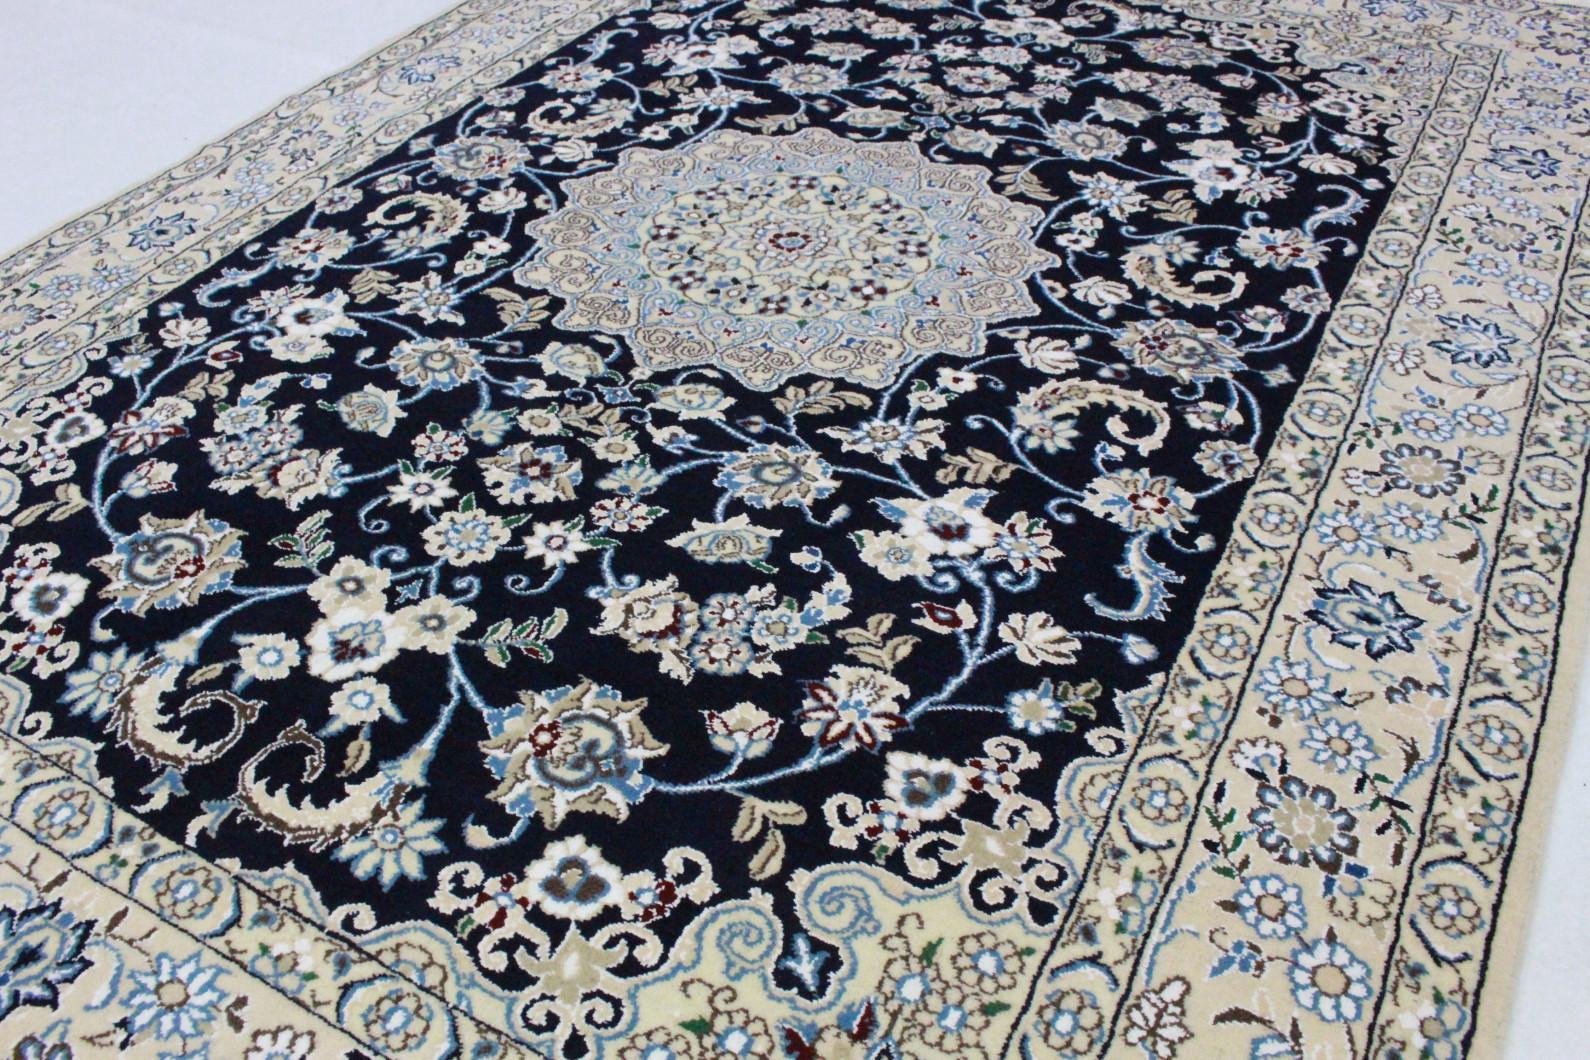 Nain teppich  Nain Teppich Beige Blau in 200x140 (5120-27432) bei carpetido.de ...